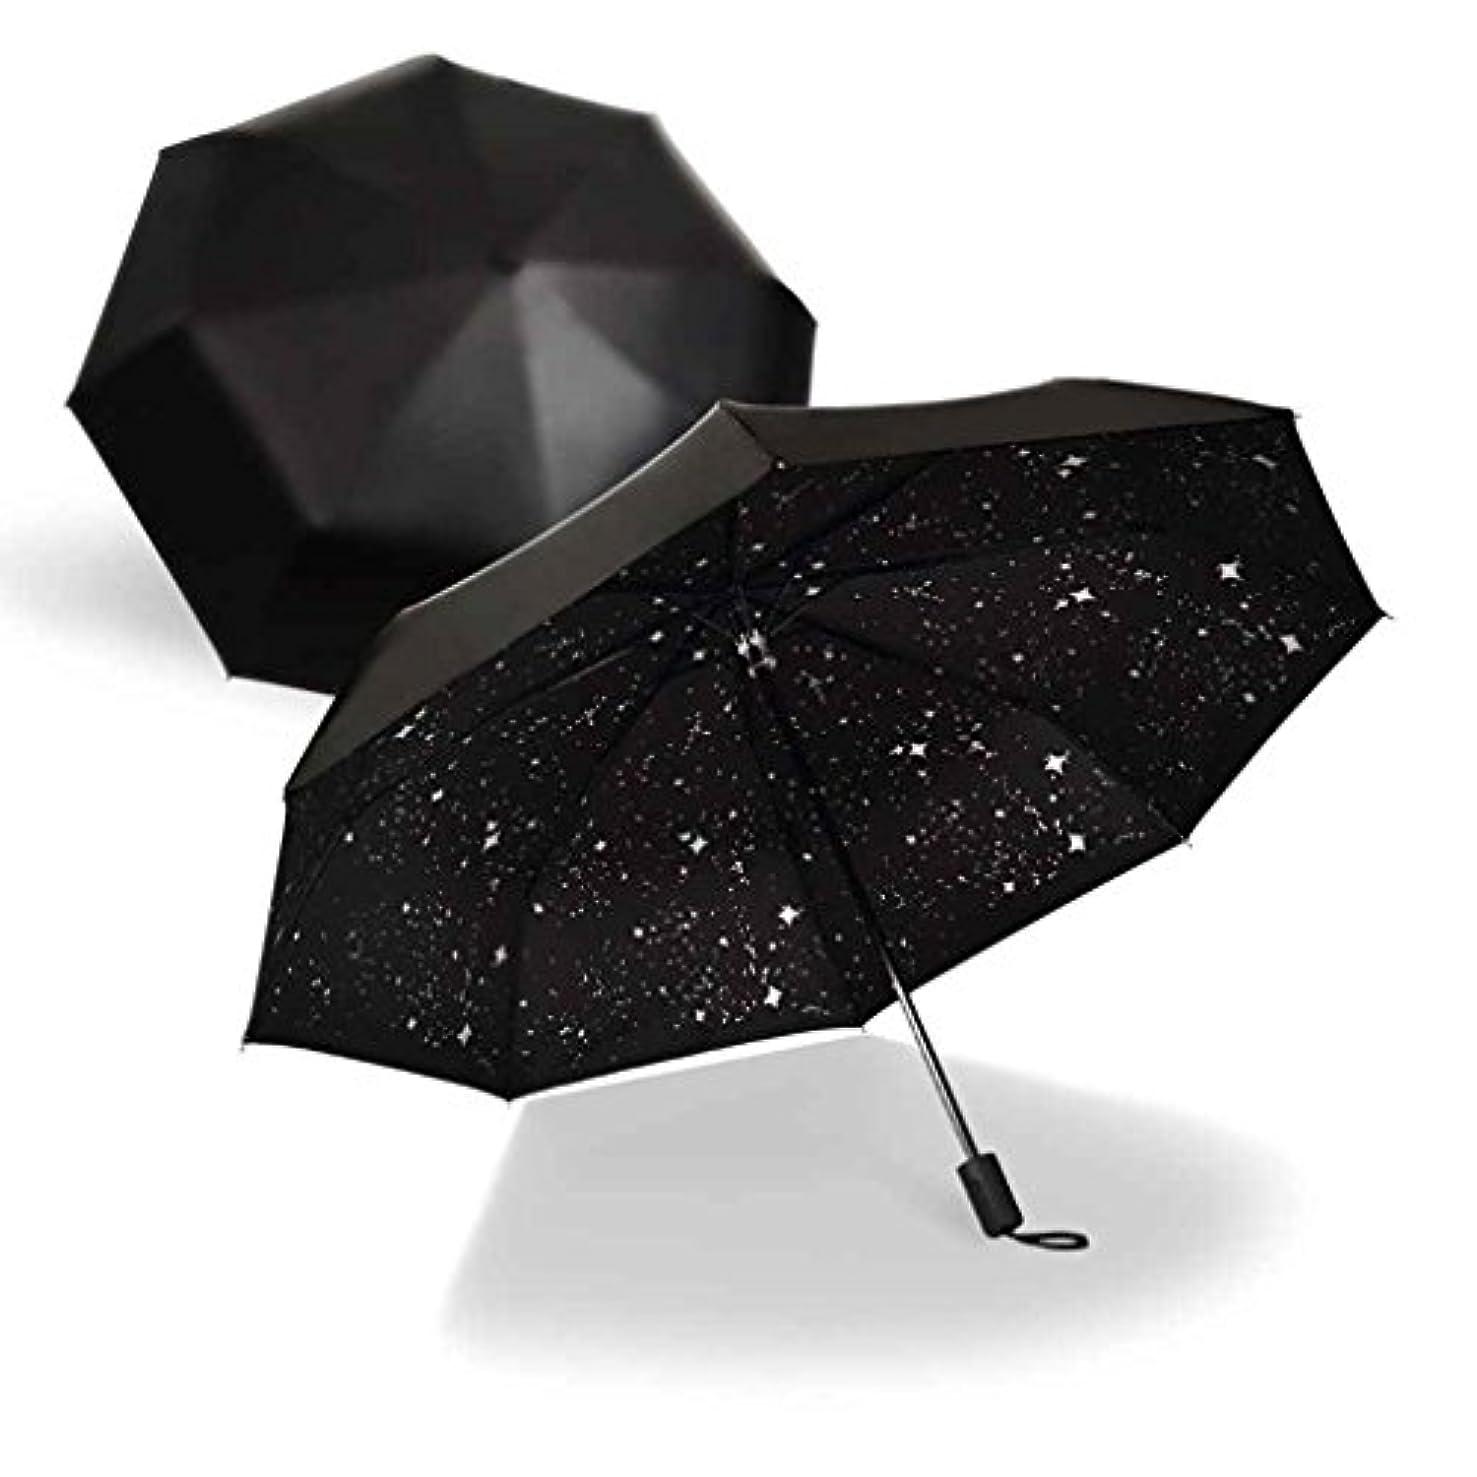 ペルソナ横たわるベットArichtop 星空ブラックコーティング防風アンチUV日/雨?トリプル折りたたみ傘